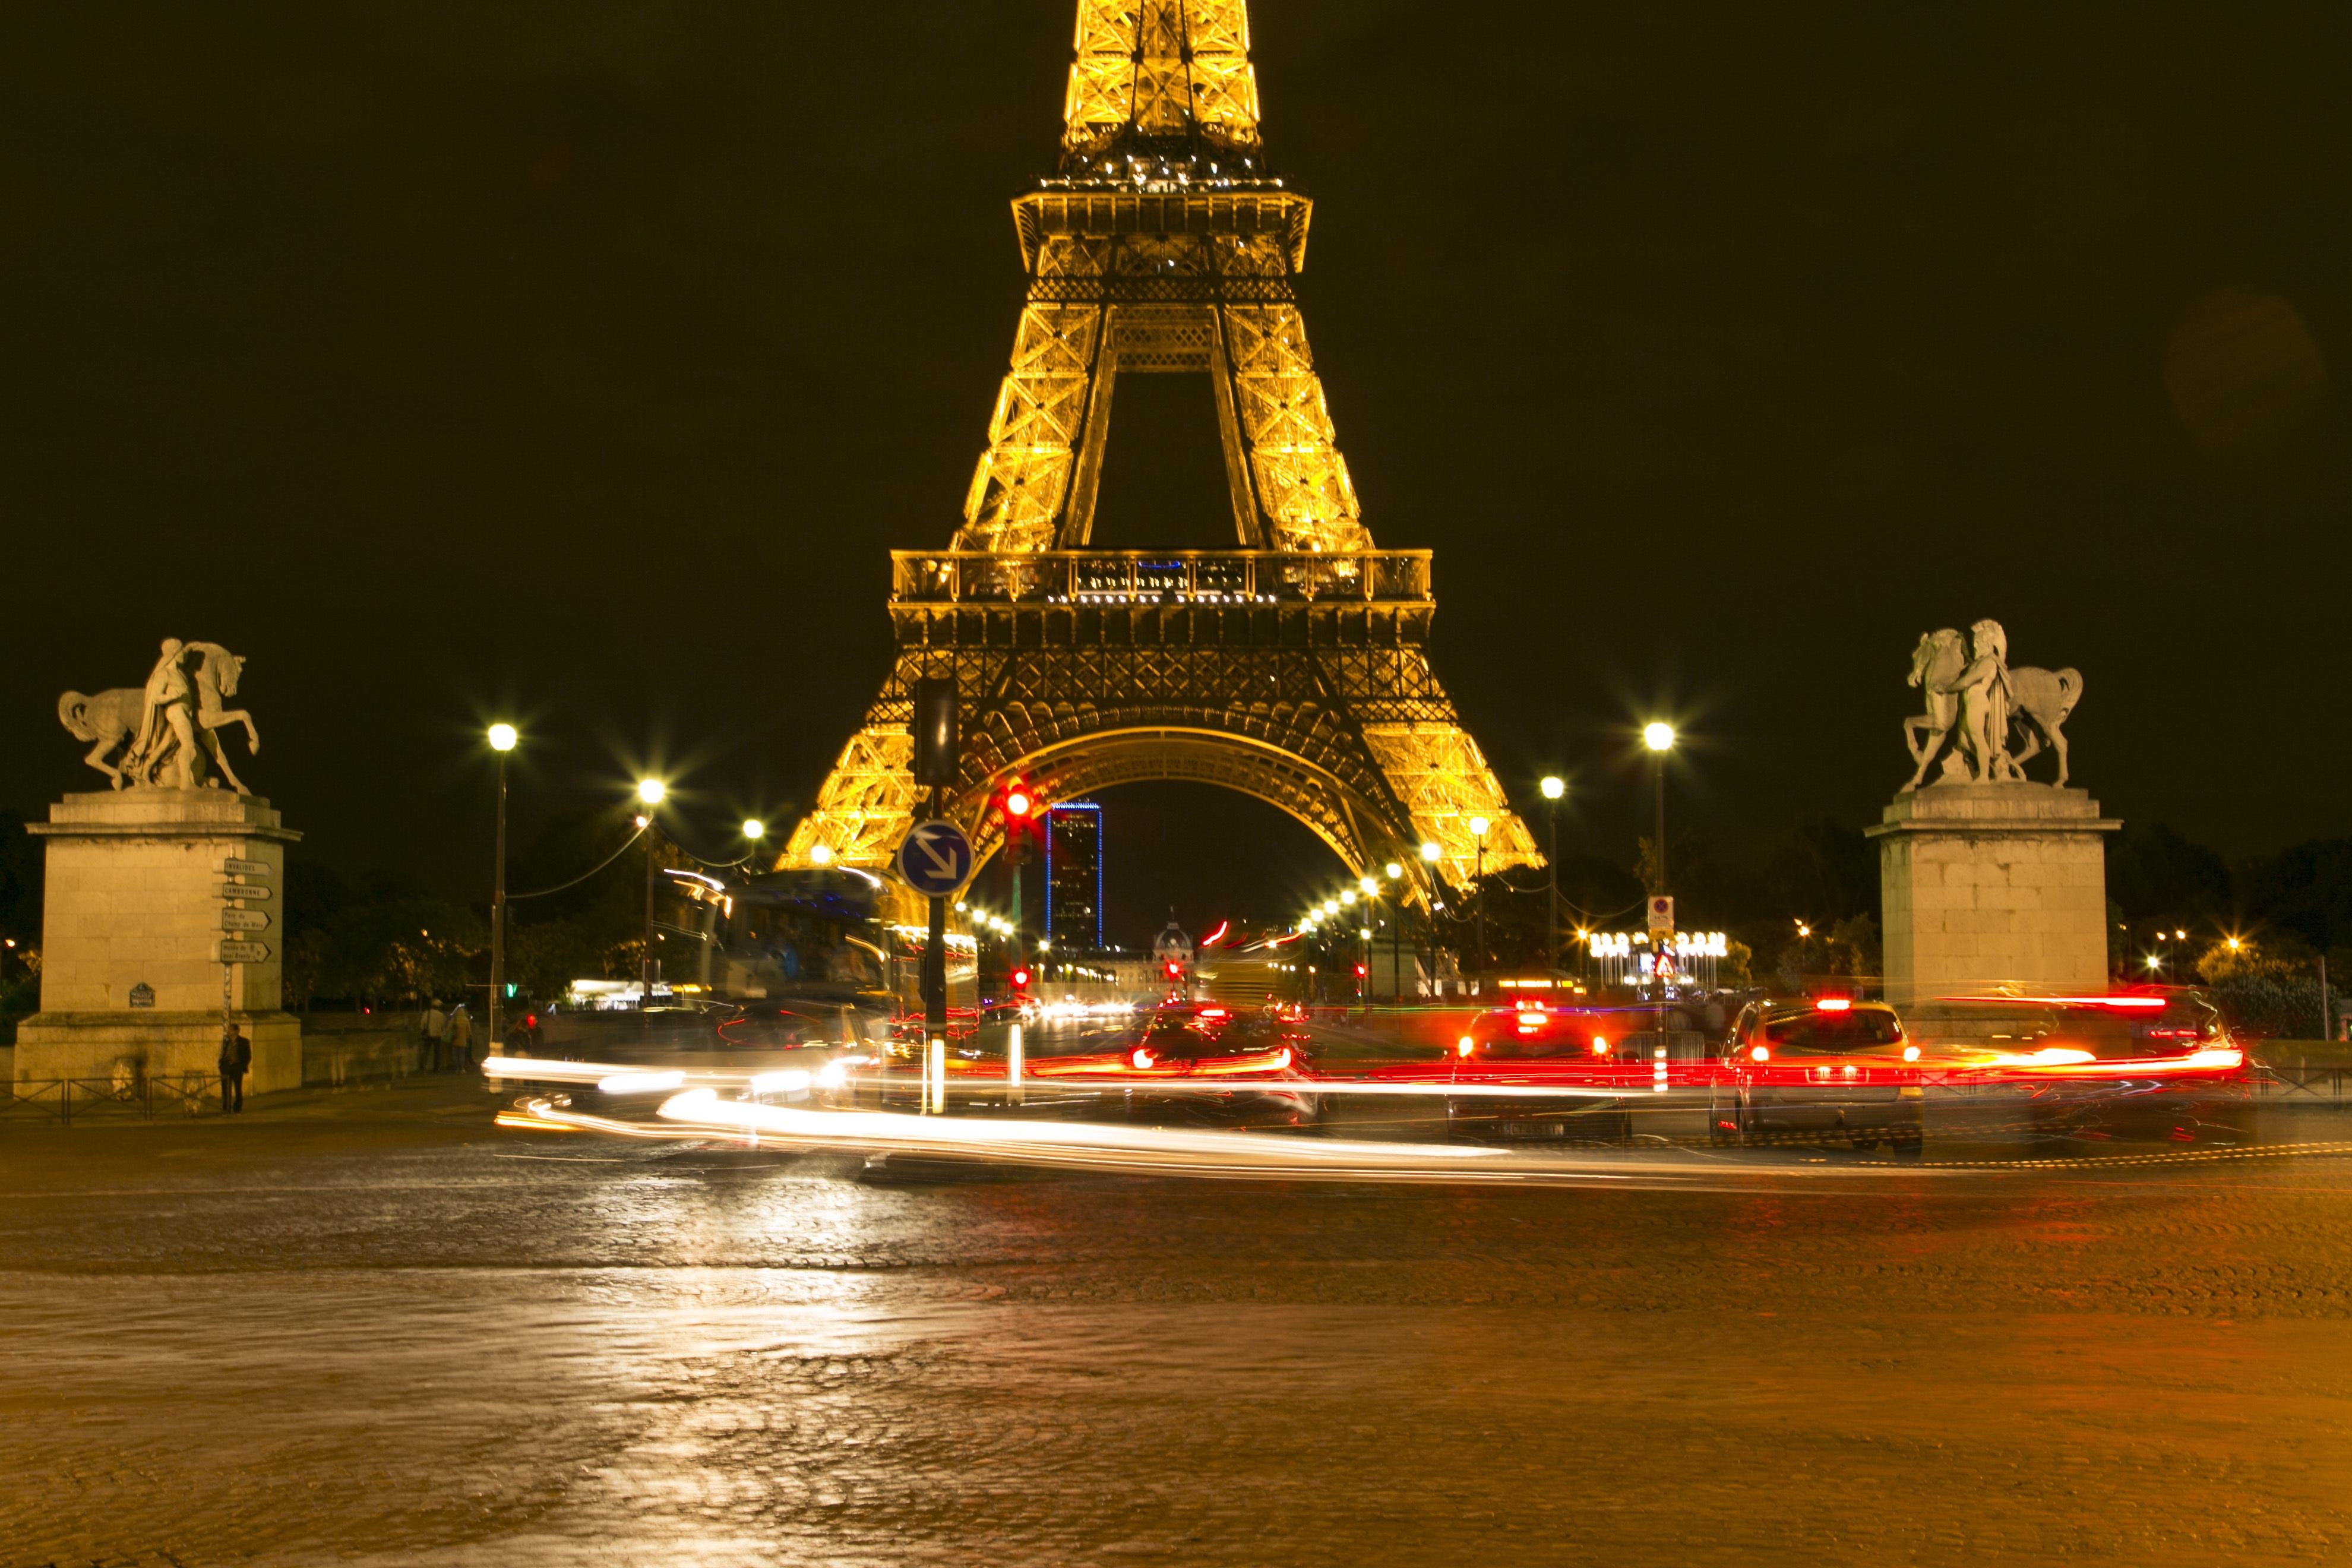 ligero noche pars noche torre punto de referencia navidad rbol de navidad decoracin navidea vista nocturna